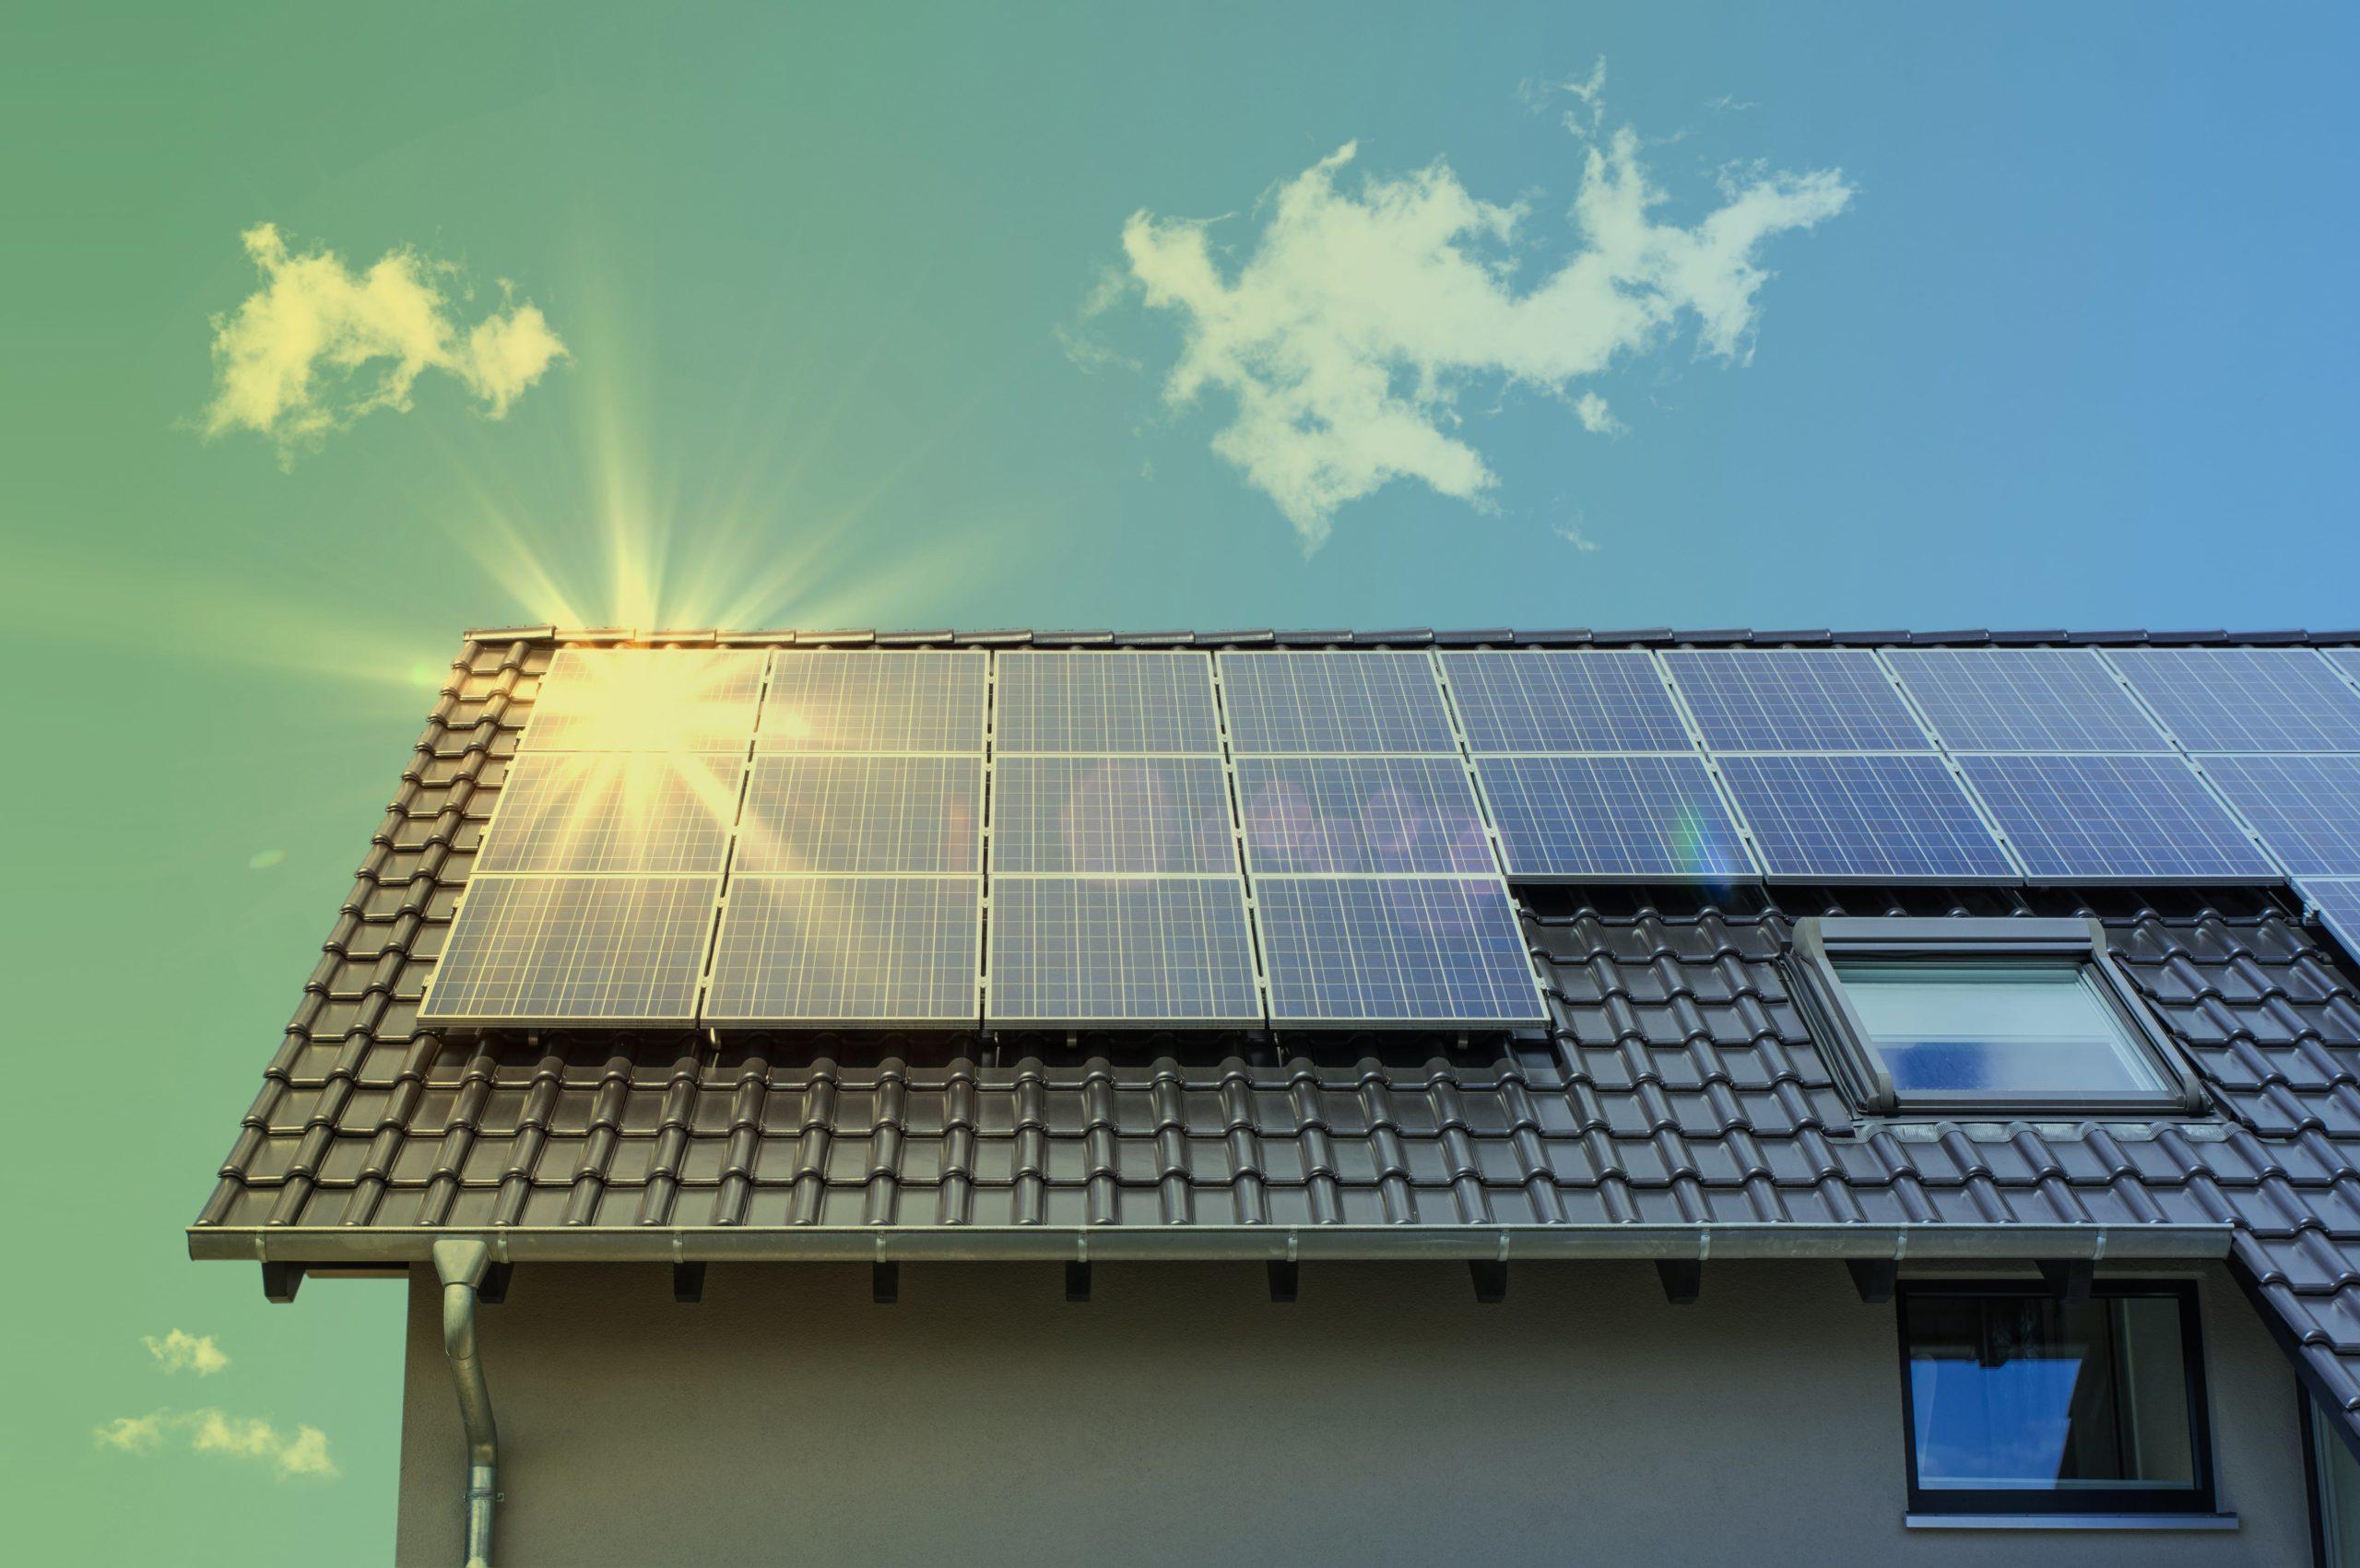 Energia-solar-fotovoltaica-Taurus-min-scaled.jpg